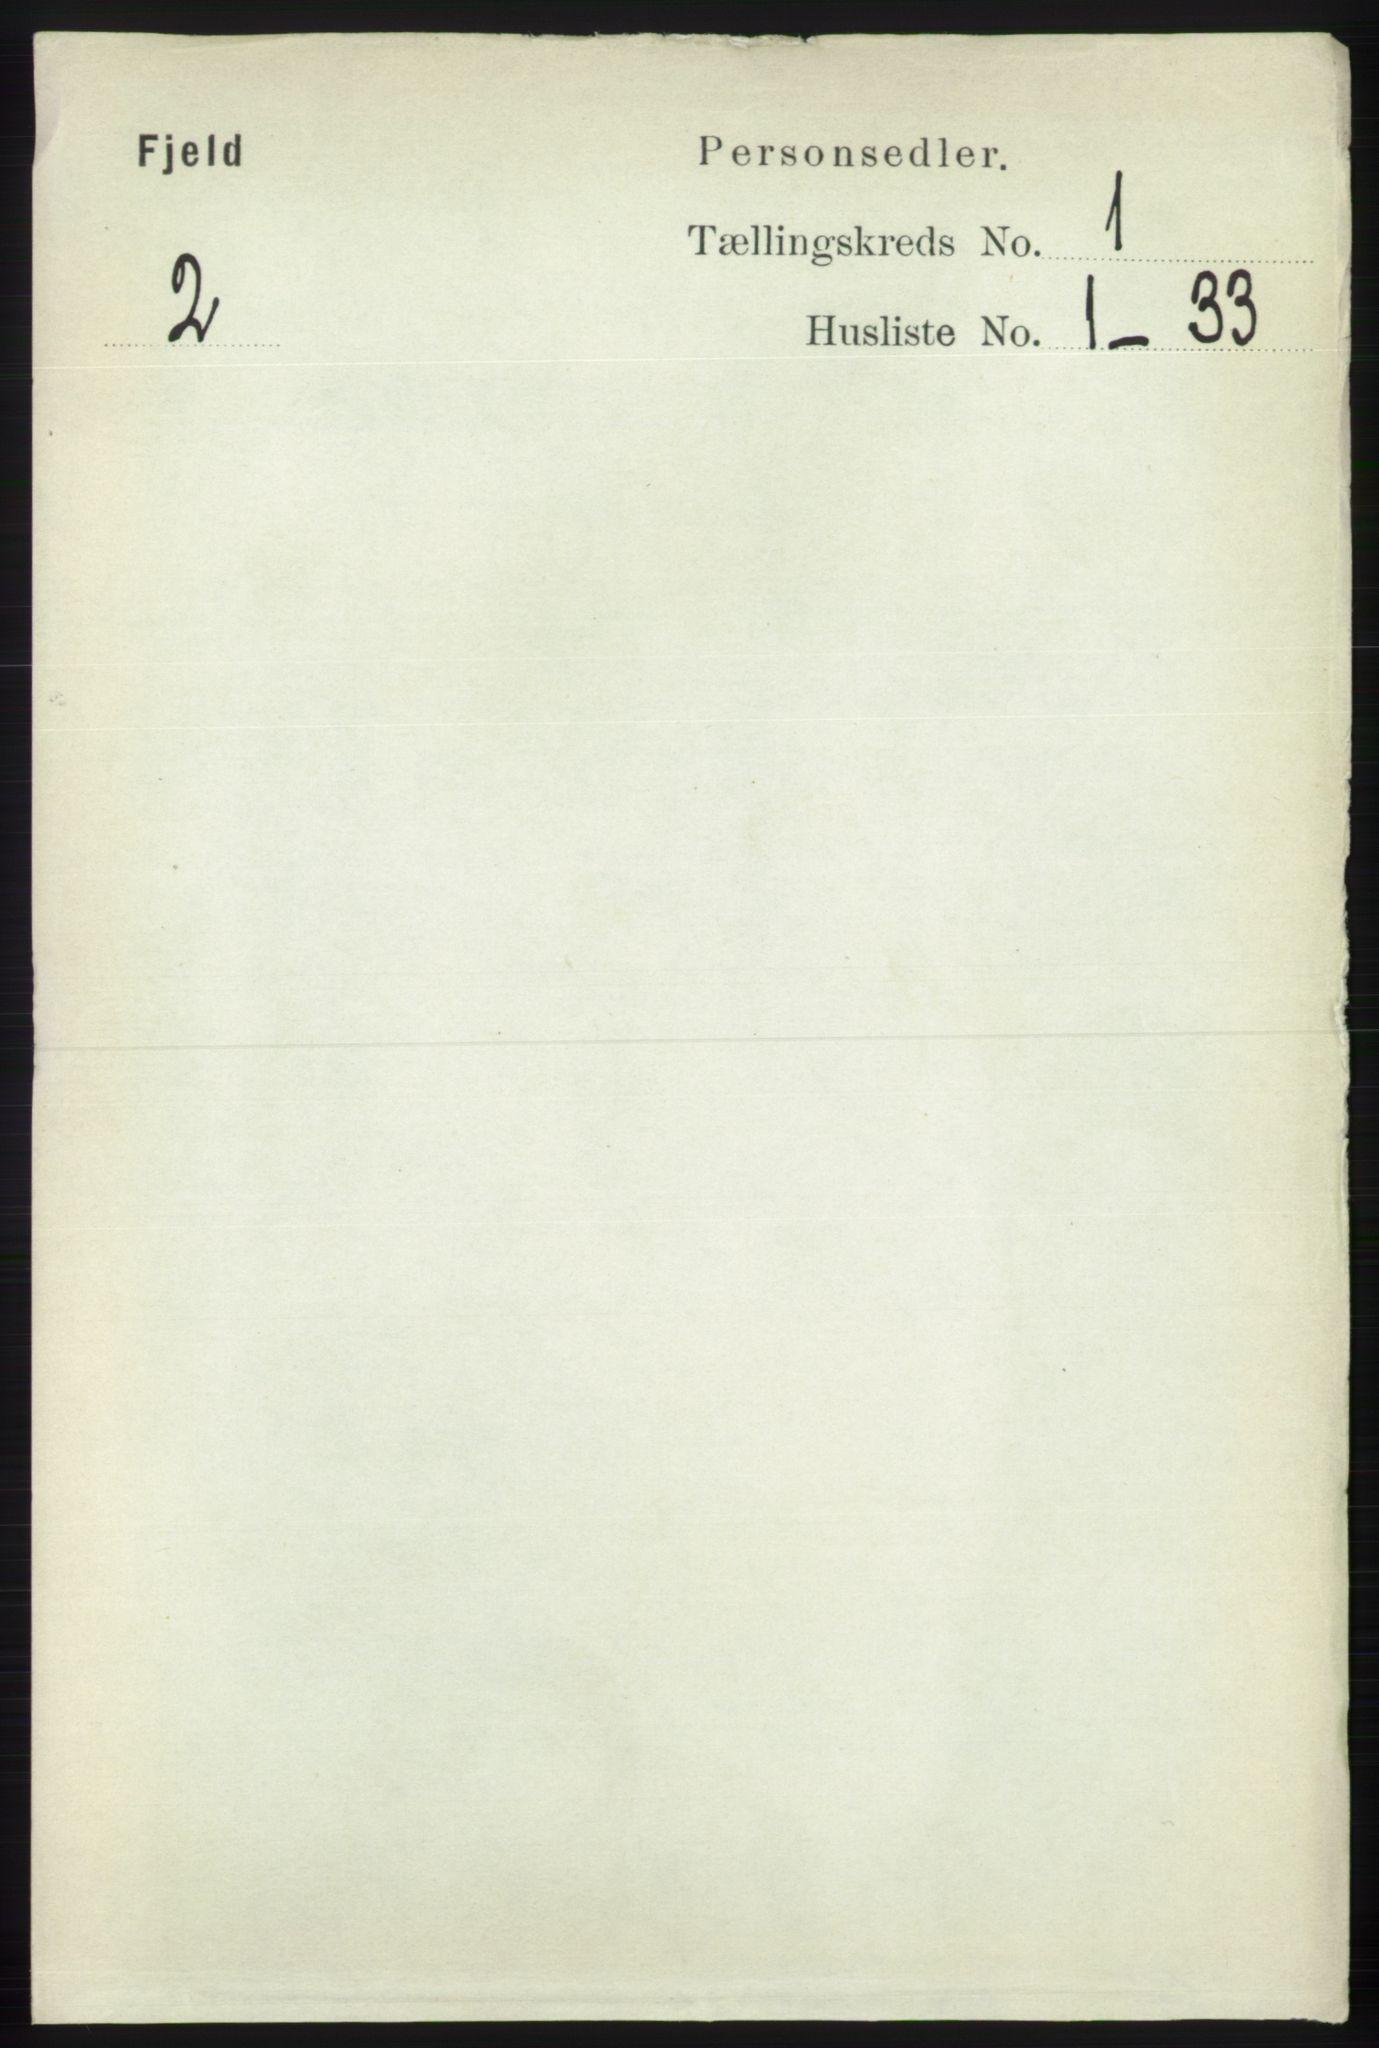 RA, Folketelling 1891 for 1246 Fjell herred, 1891, s. 112